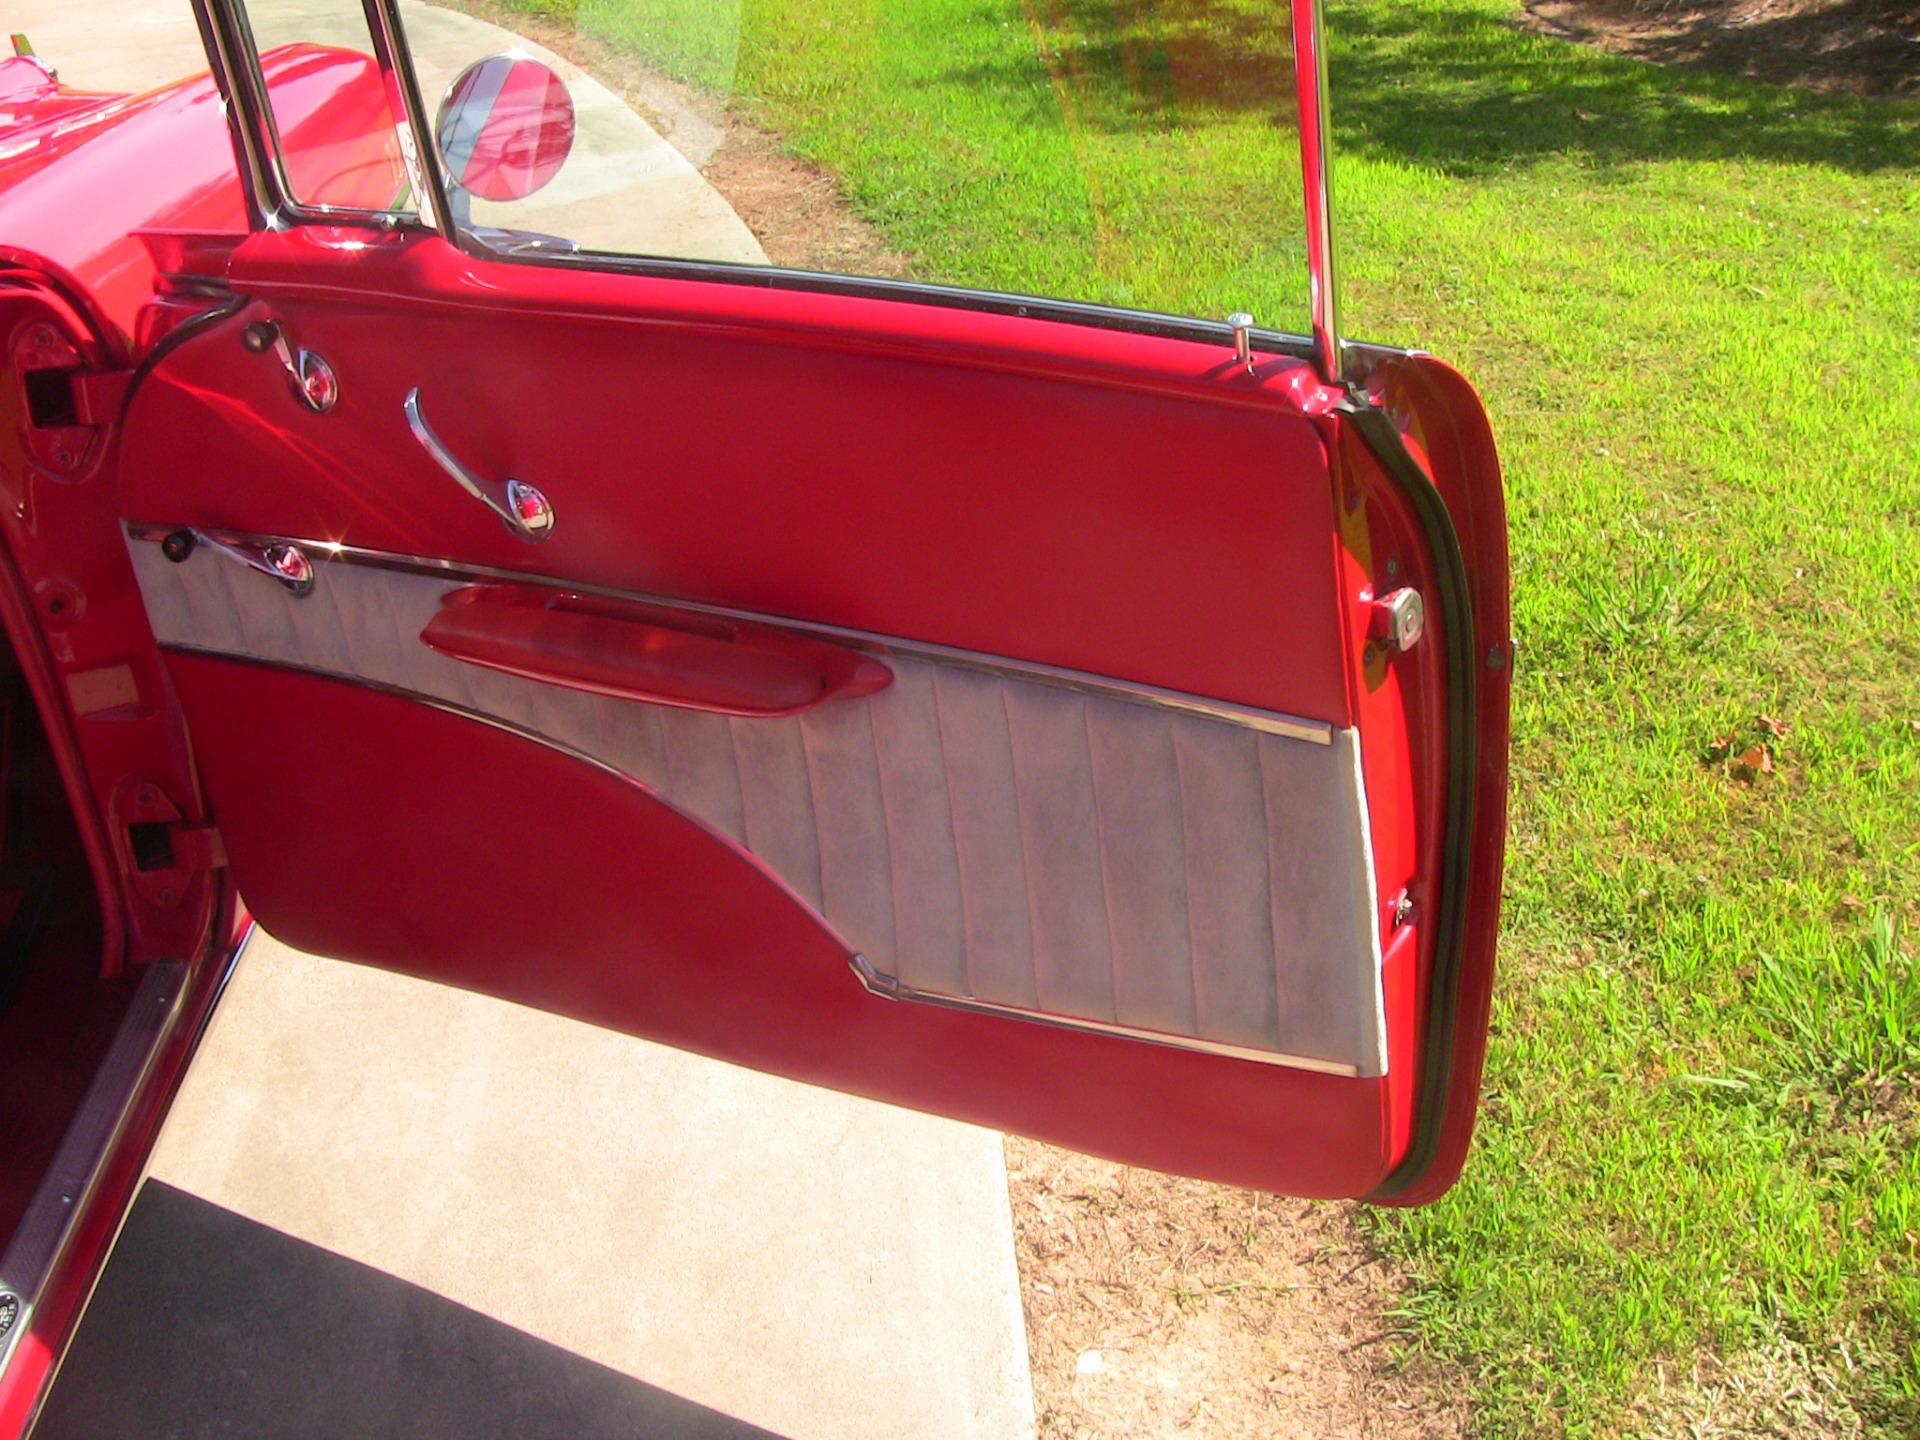 Used-1957-Chevrolet-Bel-Air (14)